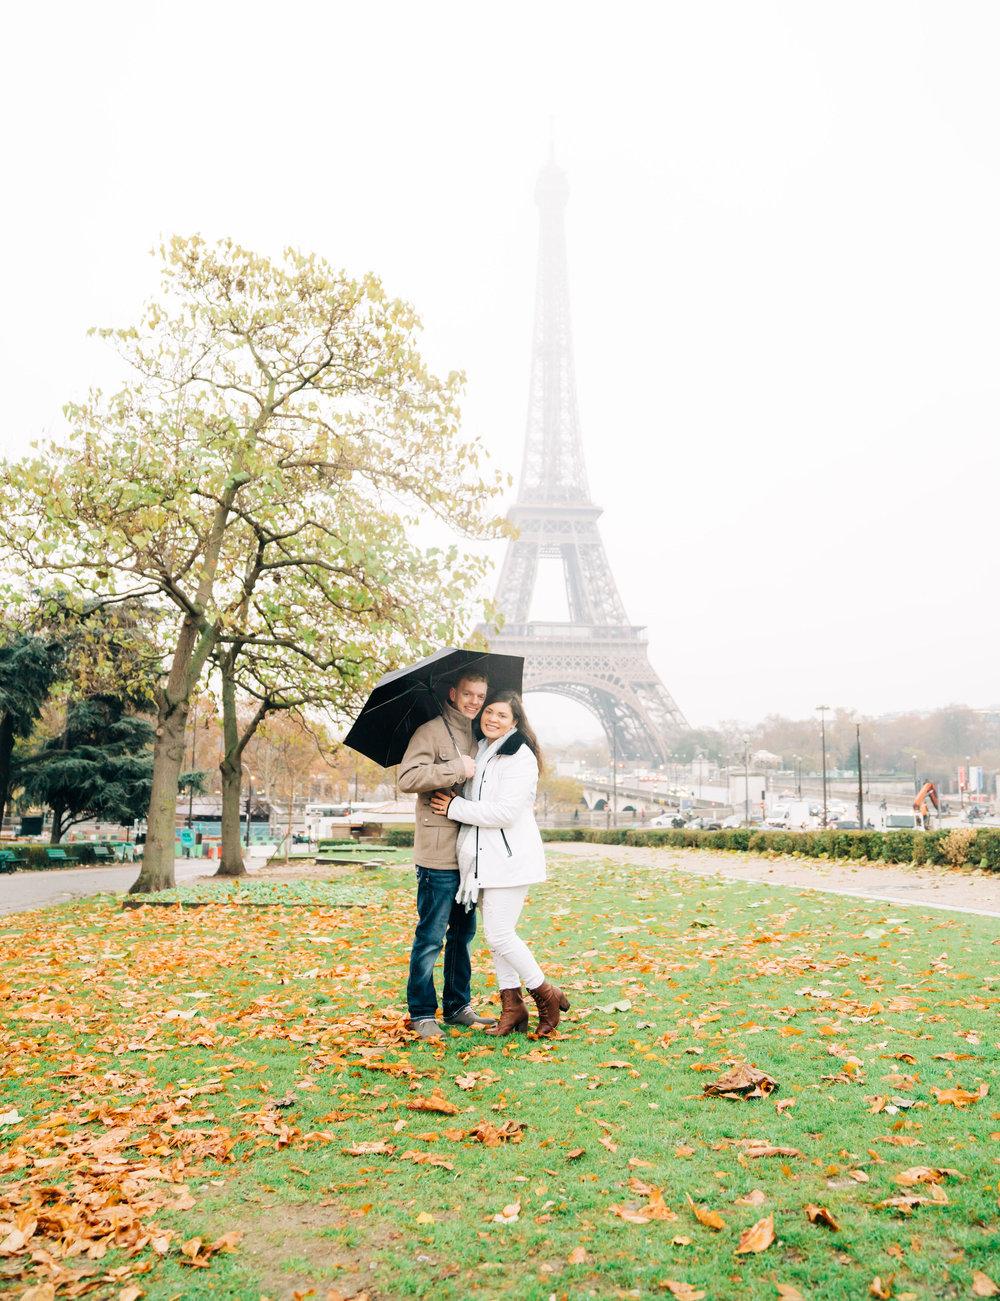 rainy day in paris paris photographer